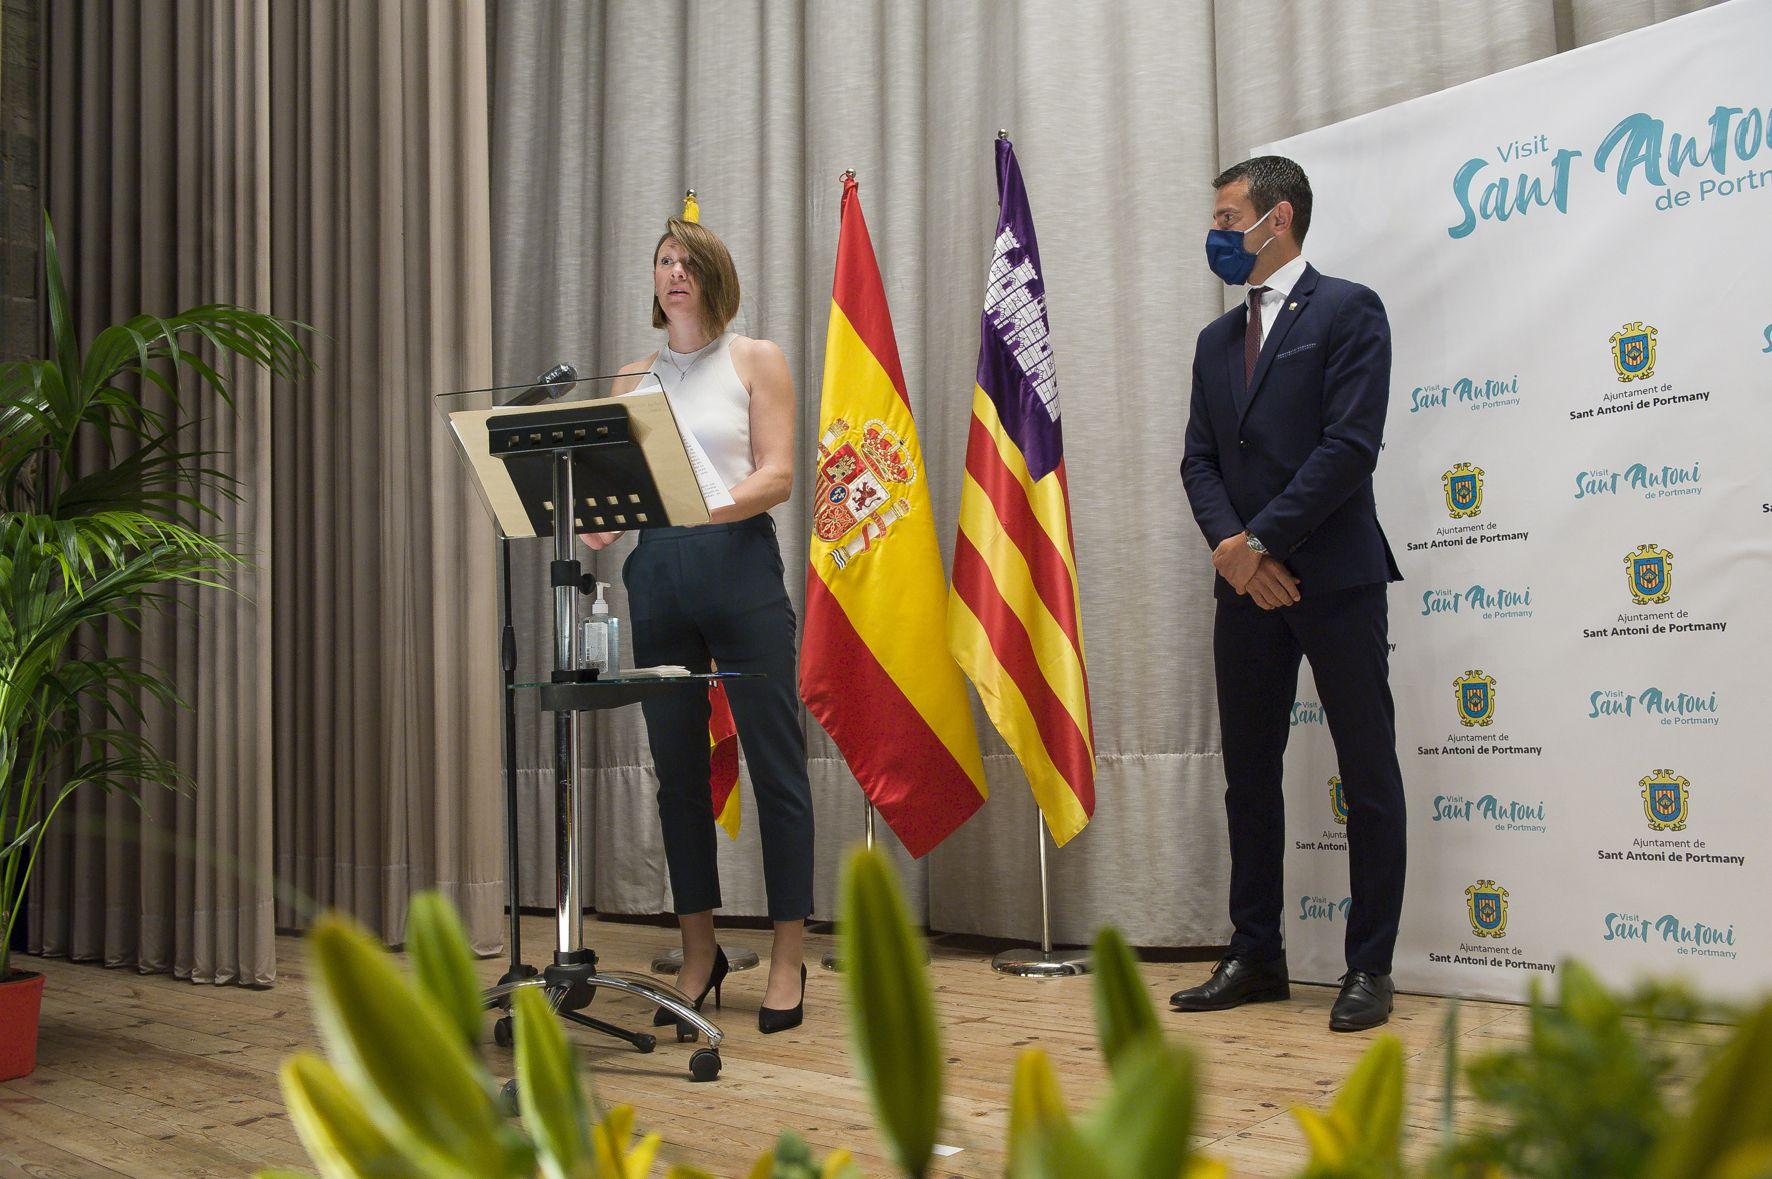 Sant Antoni premia a los mejores deportistas del municipio (2021)